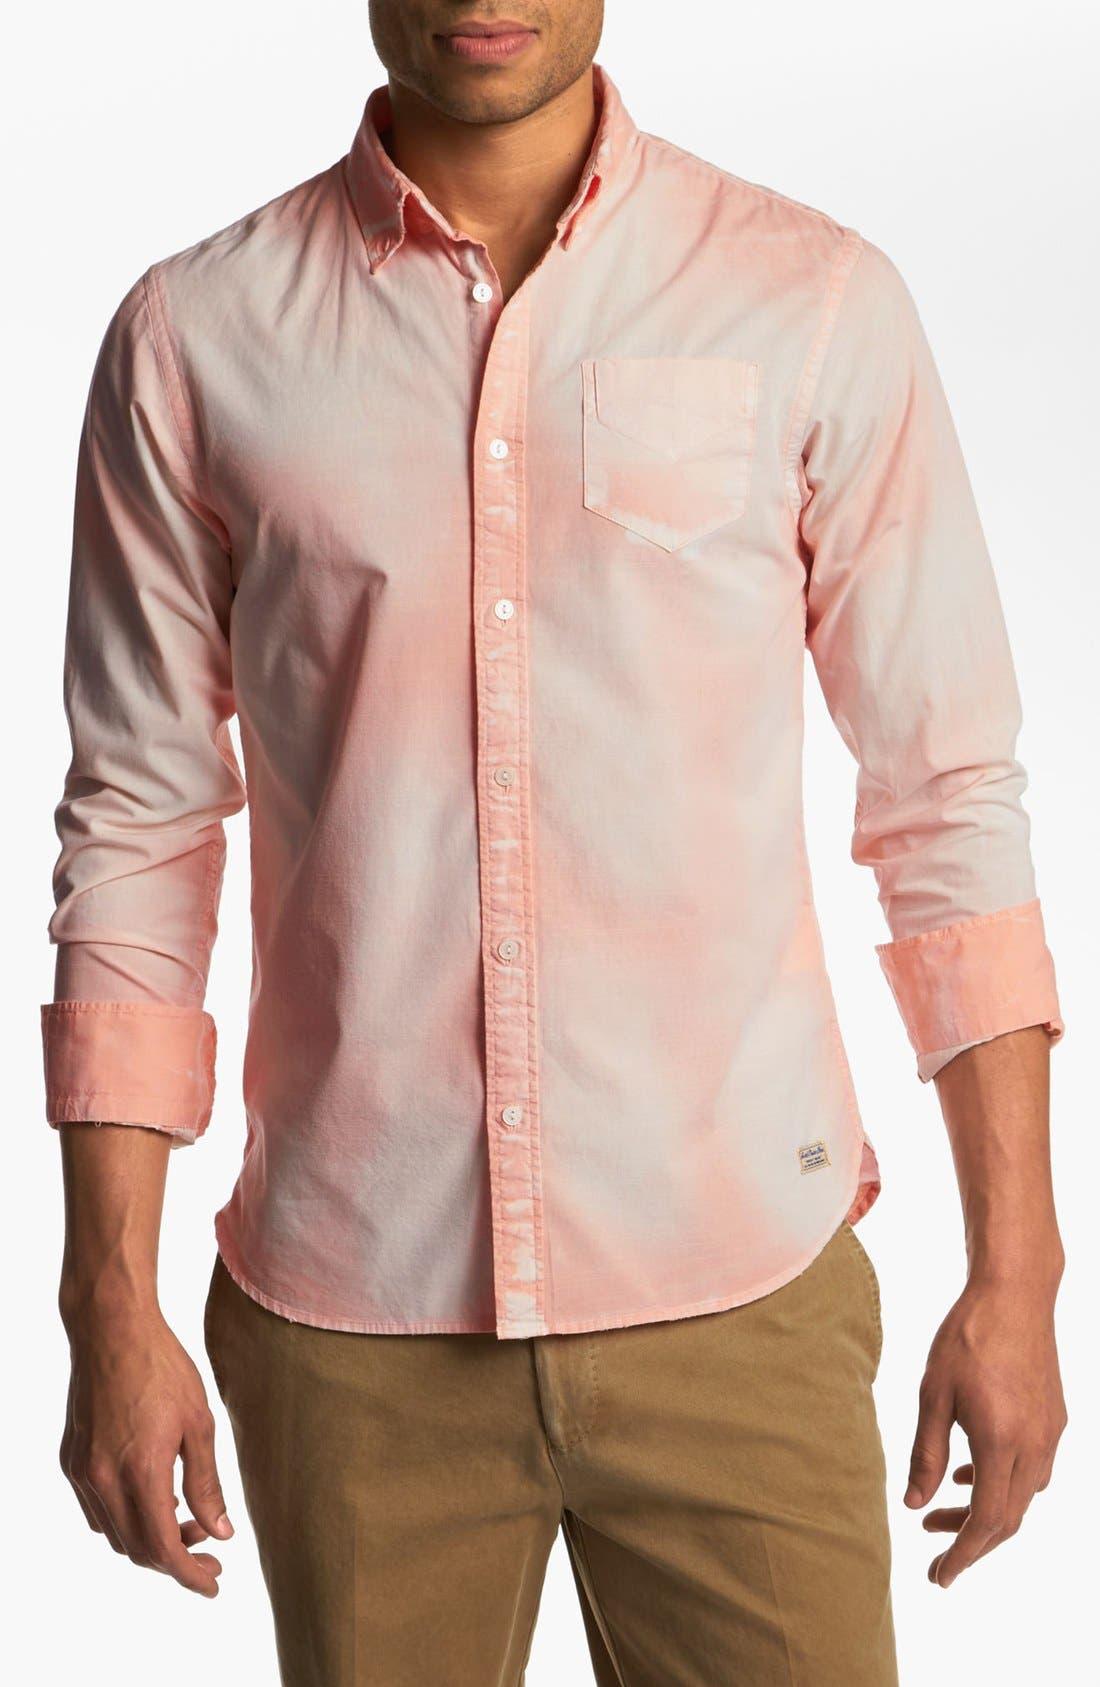 Main Image - Scotch & Soda Bleached Woven Shirt